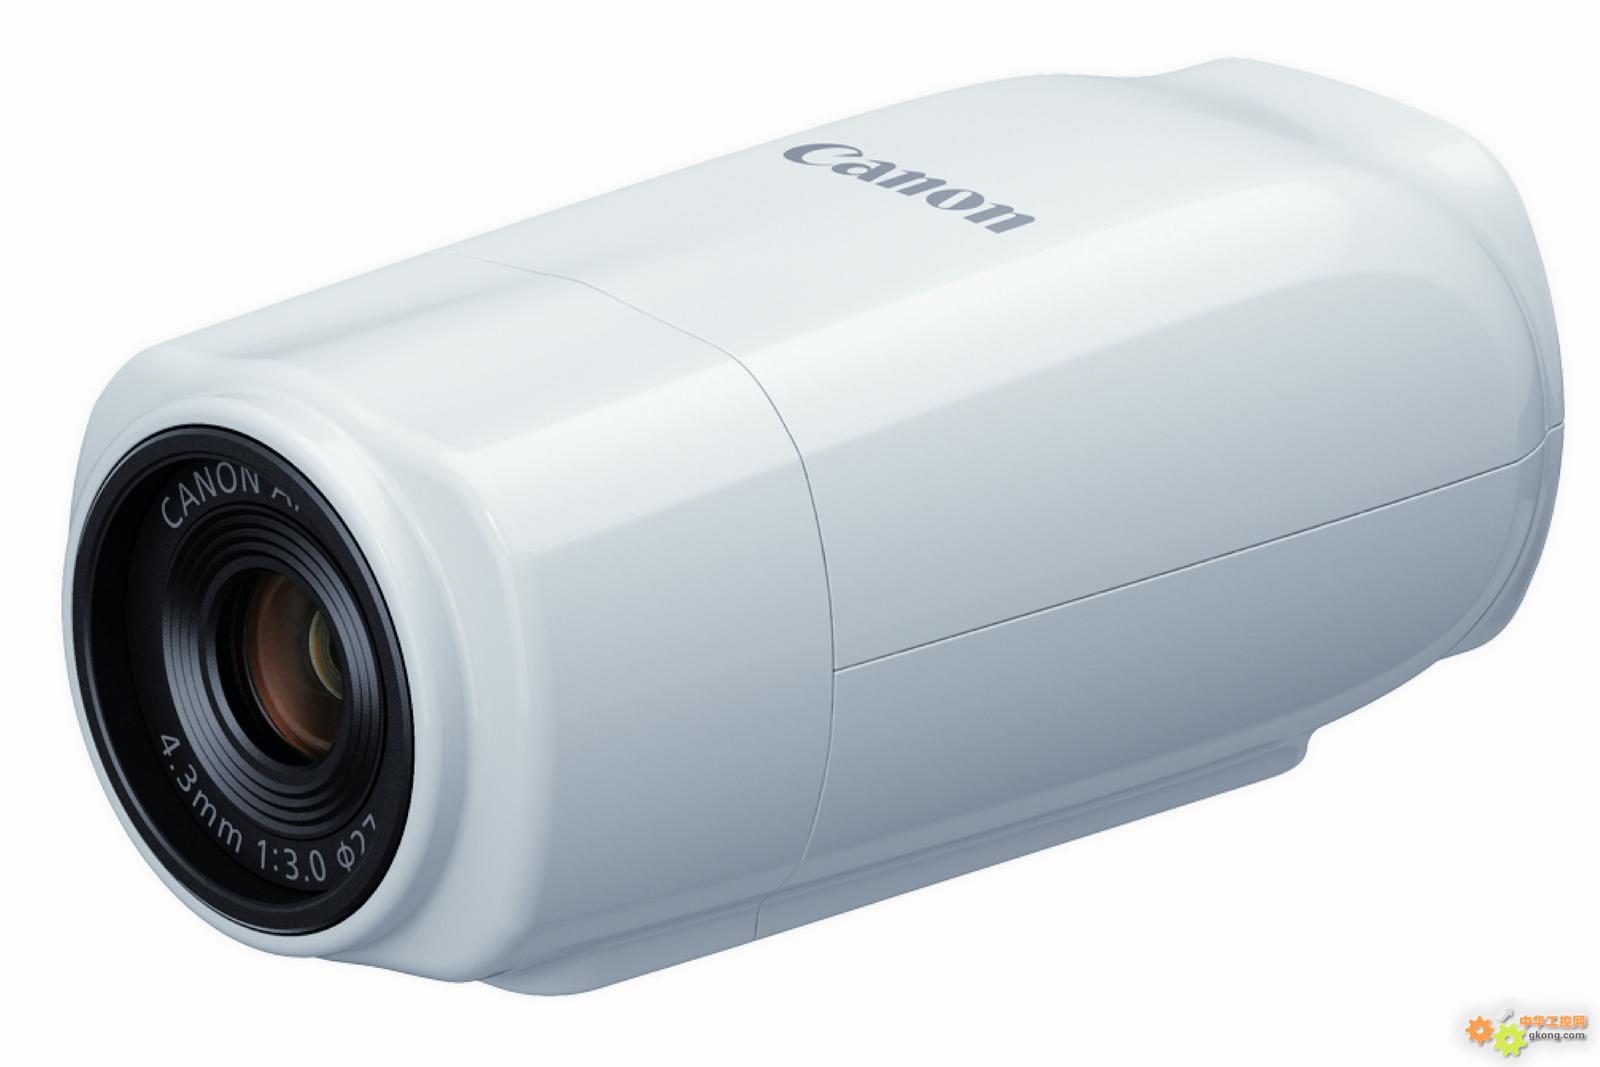 """""""佳能工业影像平台""""包括配合机械手臂的工业摄像机N10-W02"""